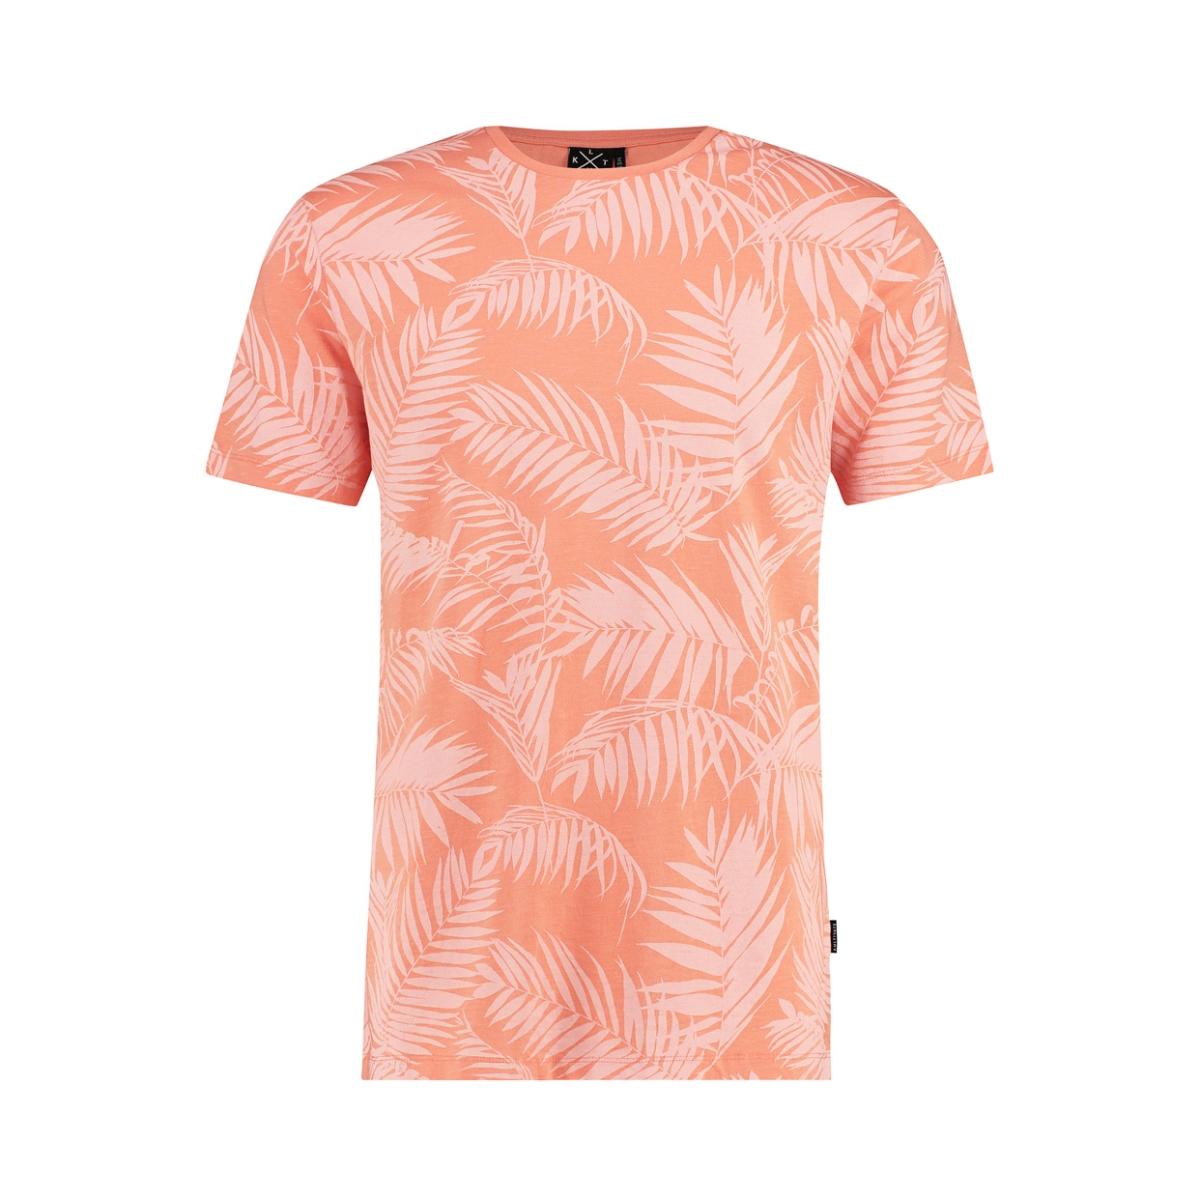 ts molokaian 1901020212 kultivate t-shirt 478 cantaloupe